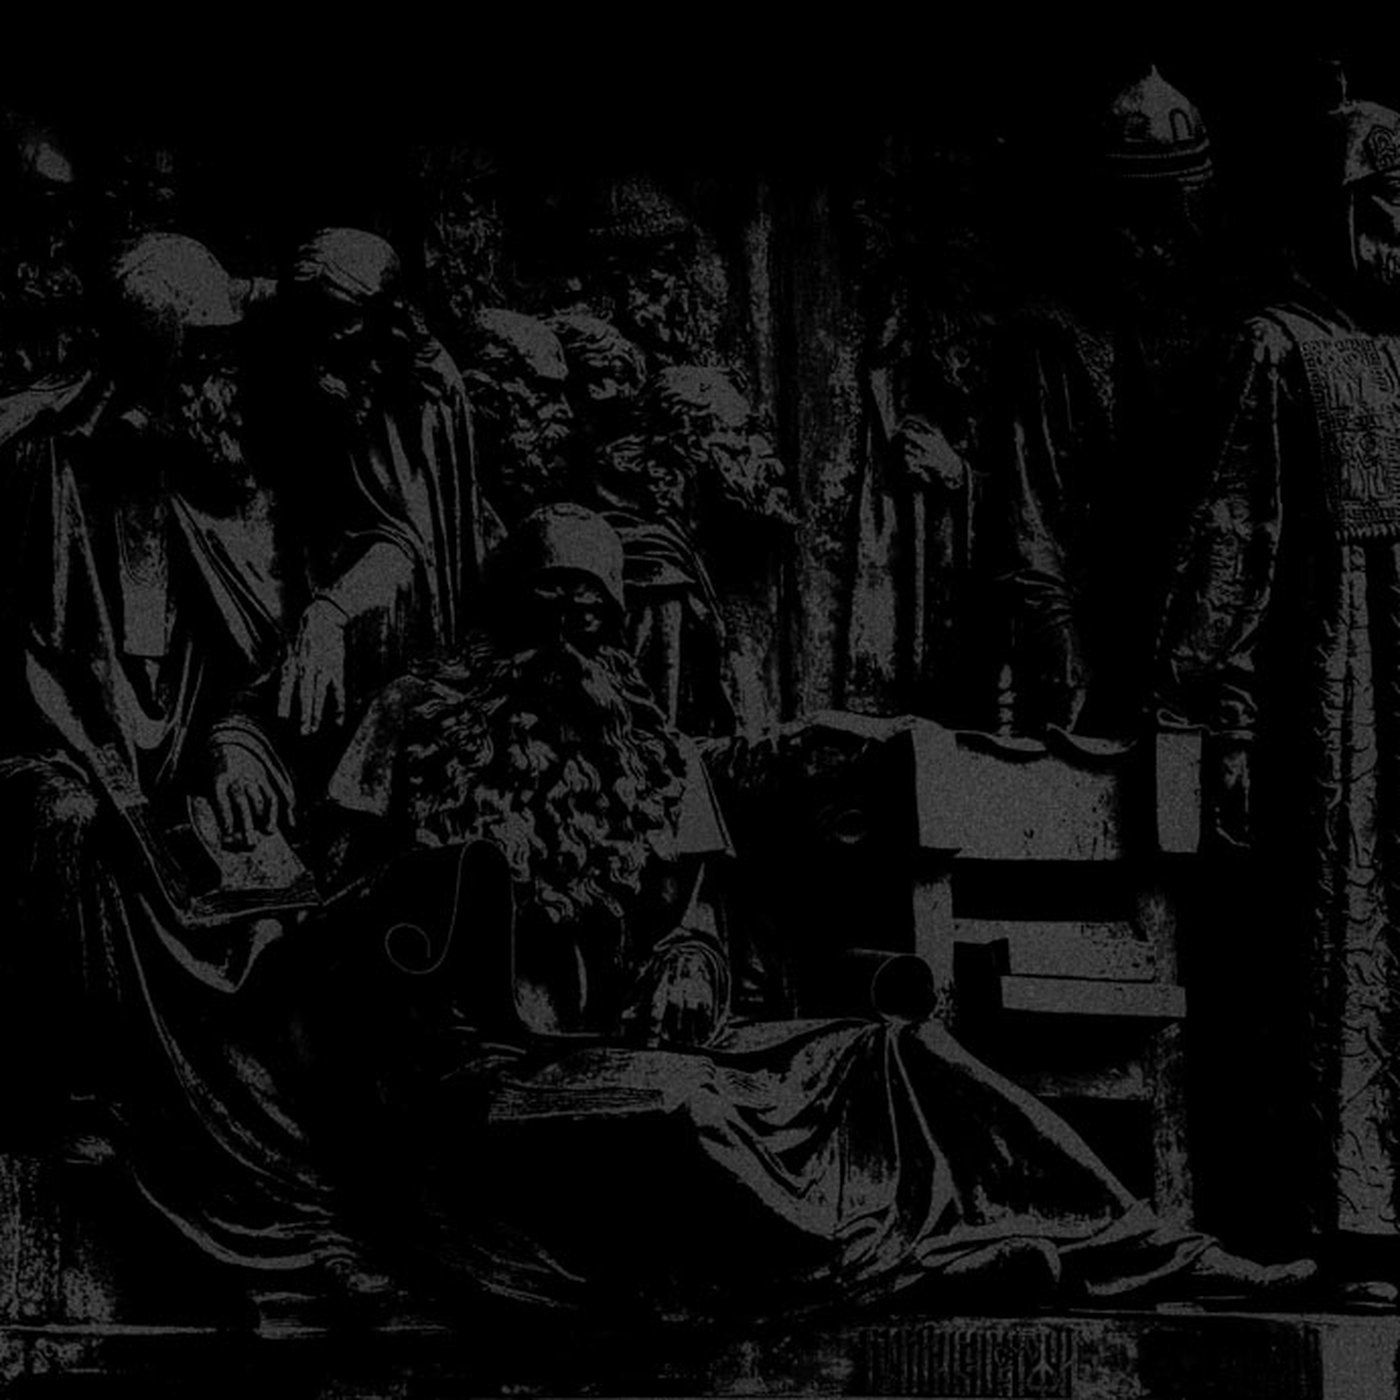 Андрей Светенко День народного единства: смута пришла с юга андрей светенко смутное время столько крови какая уж тут экономика